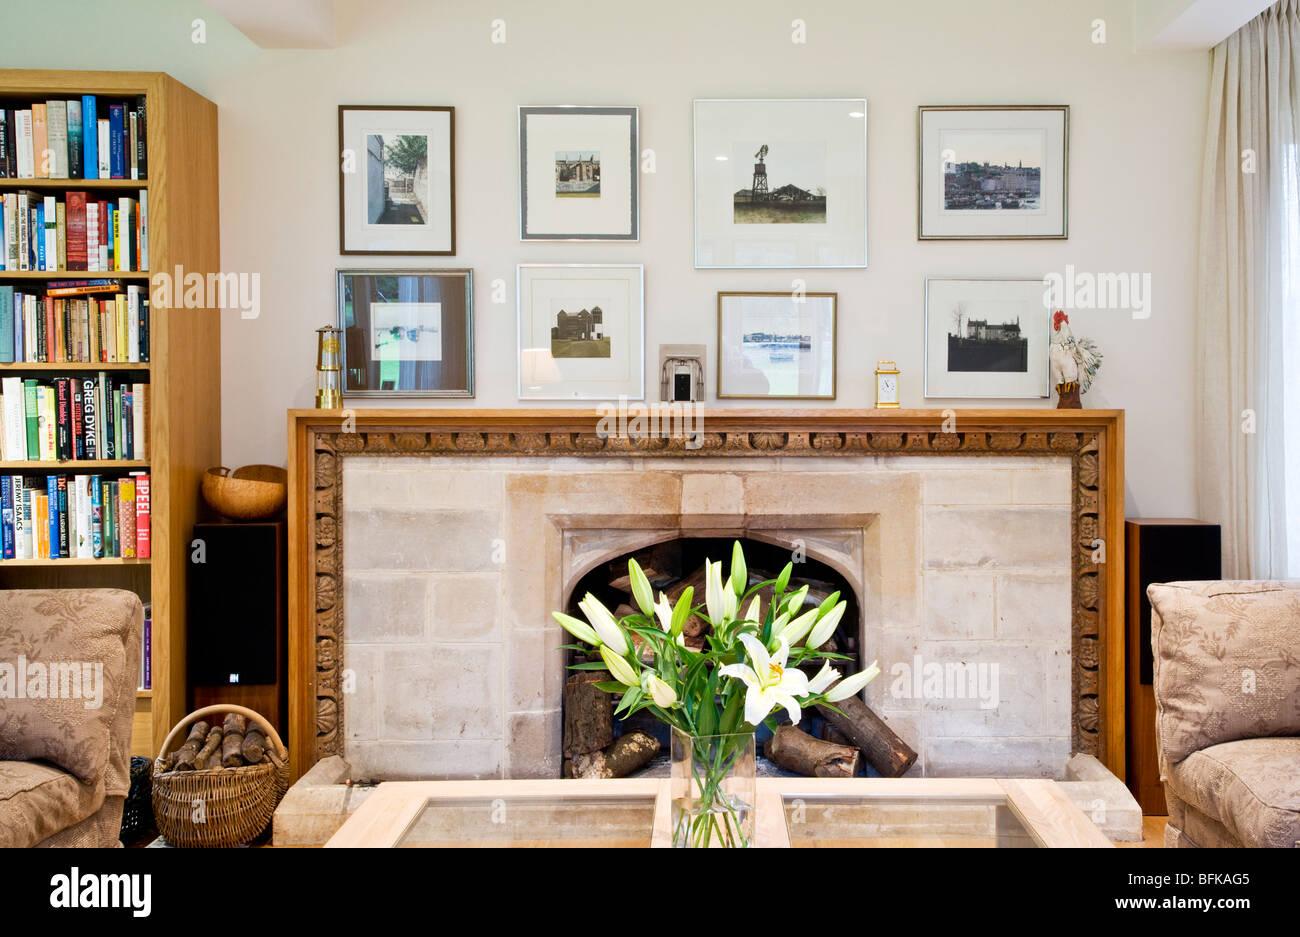 Camino In Pietra Moderno : Moderno e contemporaneo ed elegante soggiorno con camino in pietra